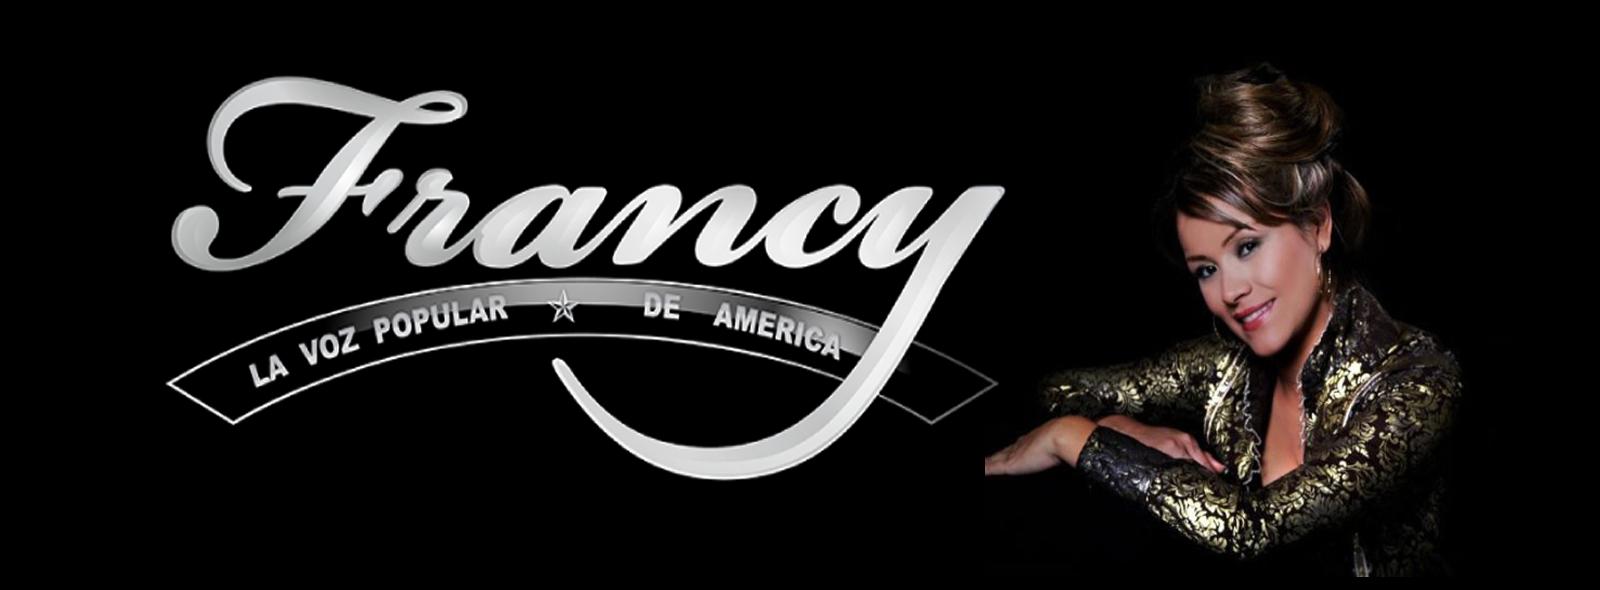 Francy La Voz Popular